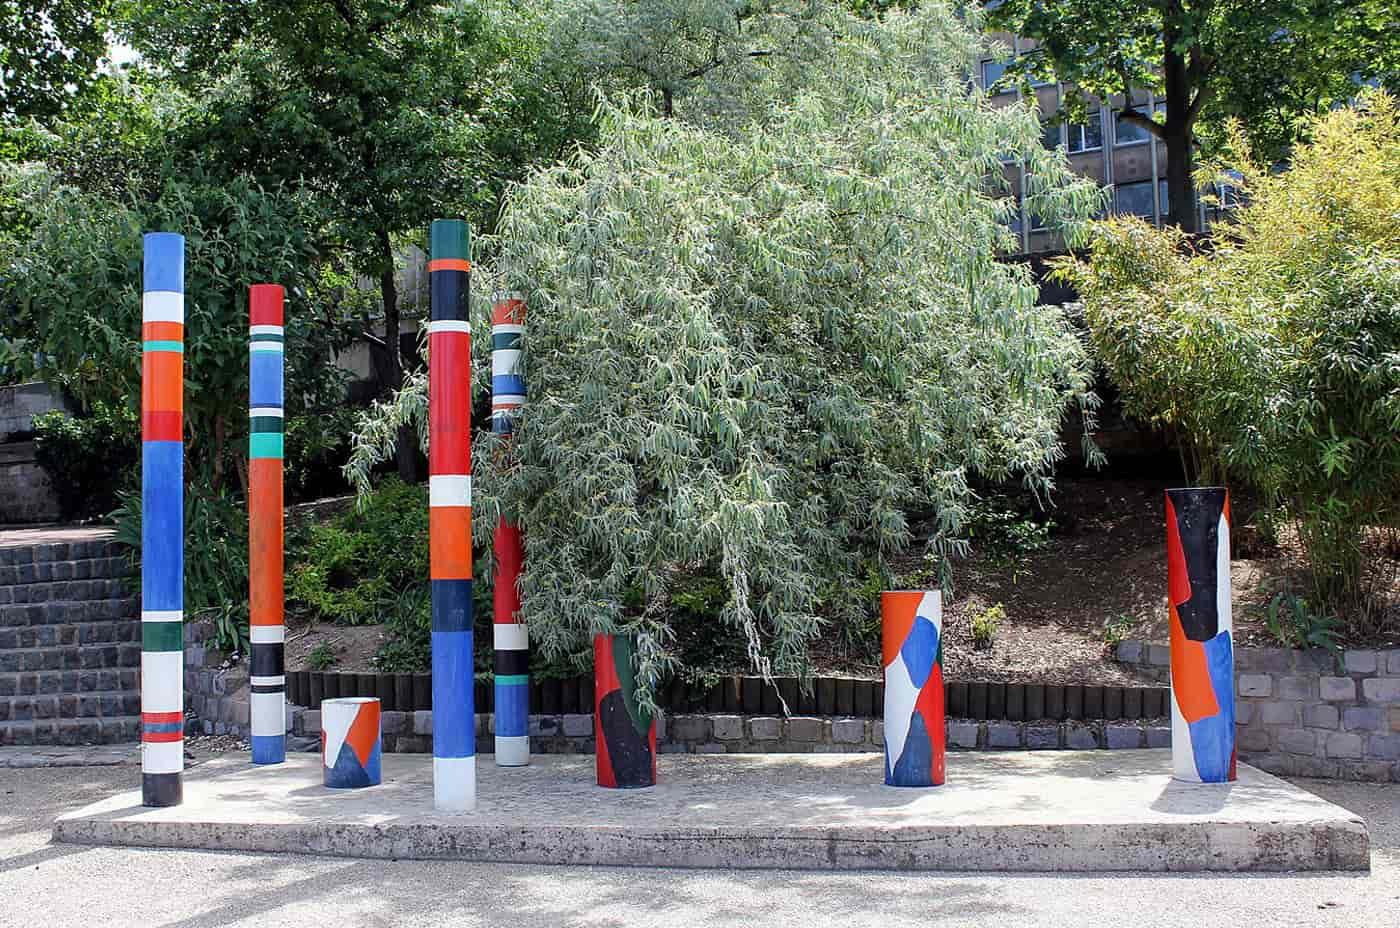 guy de rougemont - interpretation de deux espaces 1975 newsletter art comes to you 5